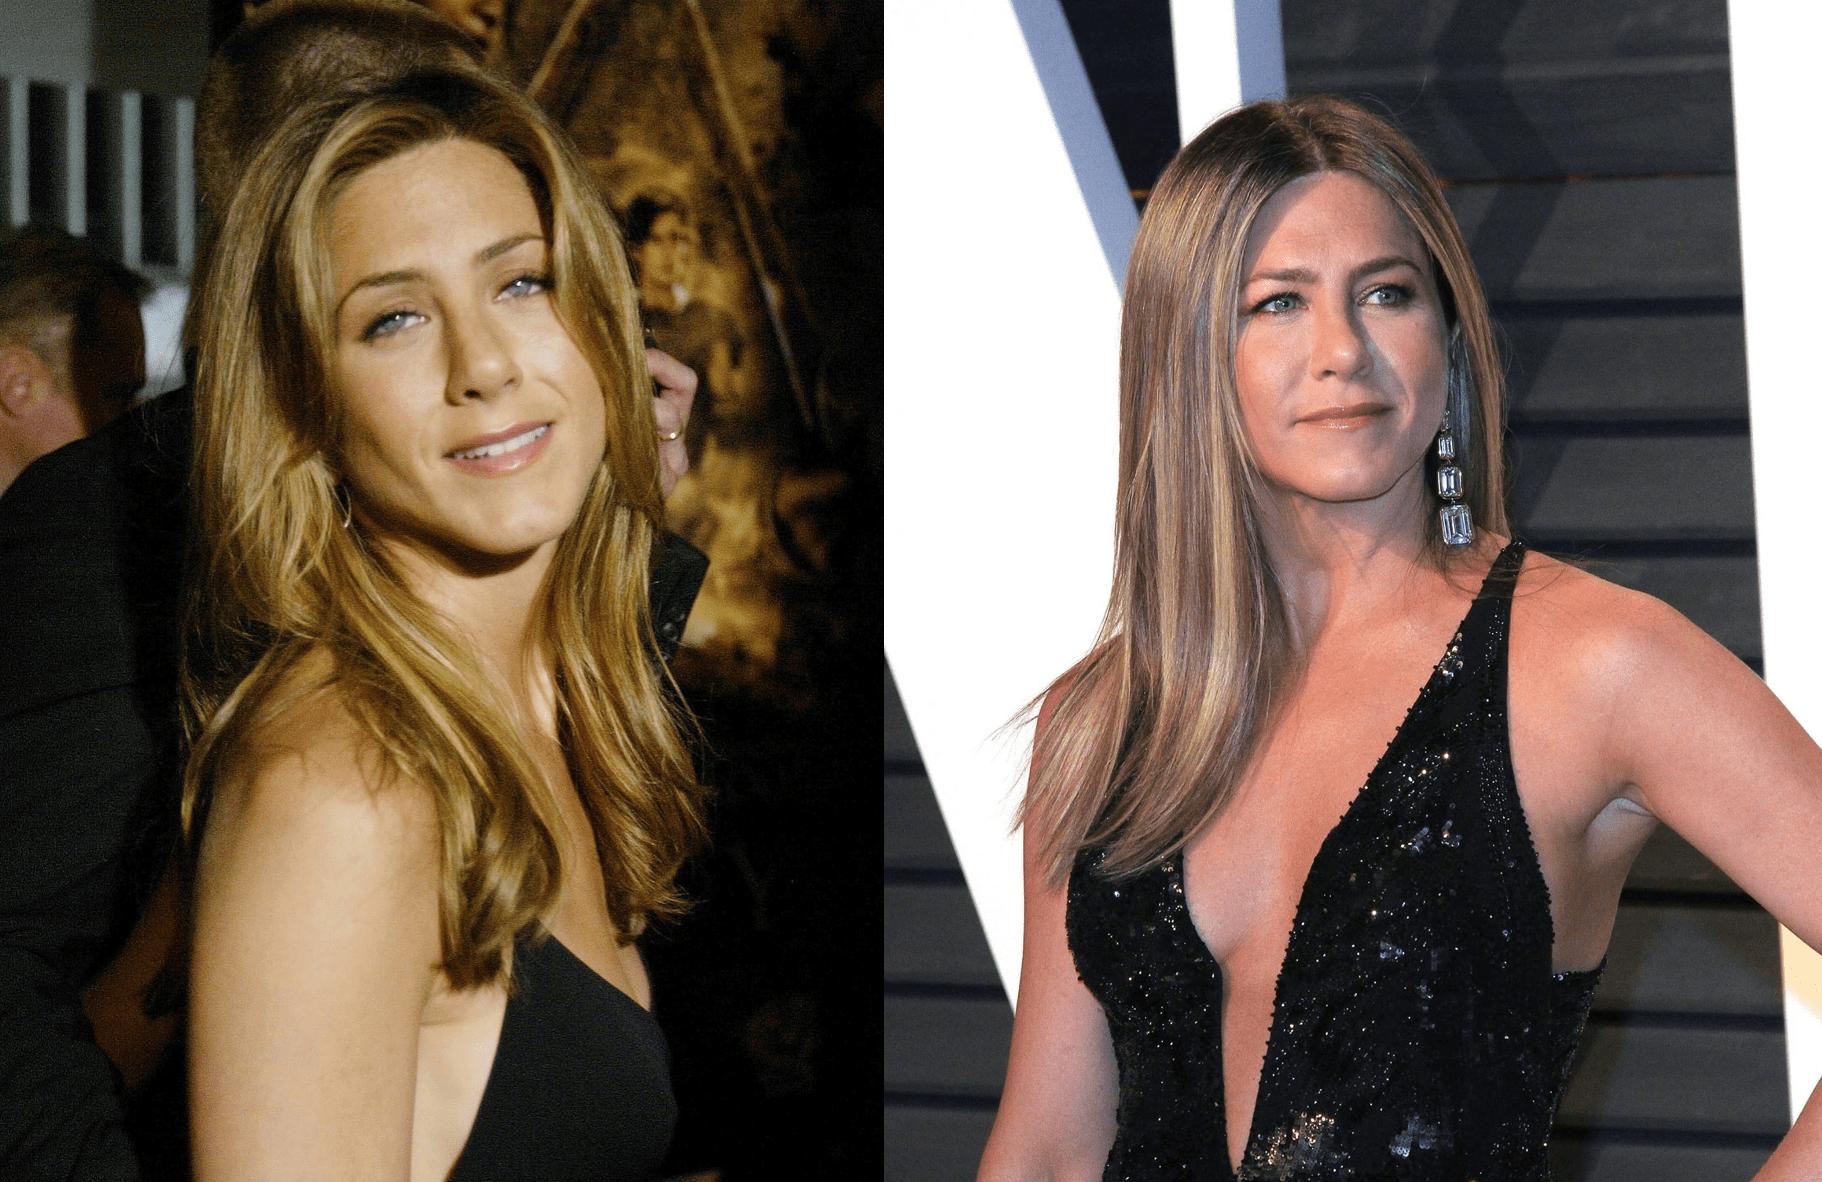 Jennifer Aniston migliorata con l'età ieri e oggi